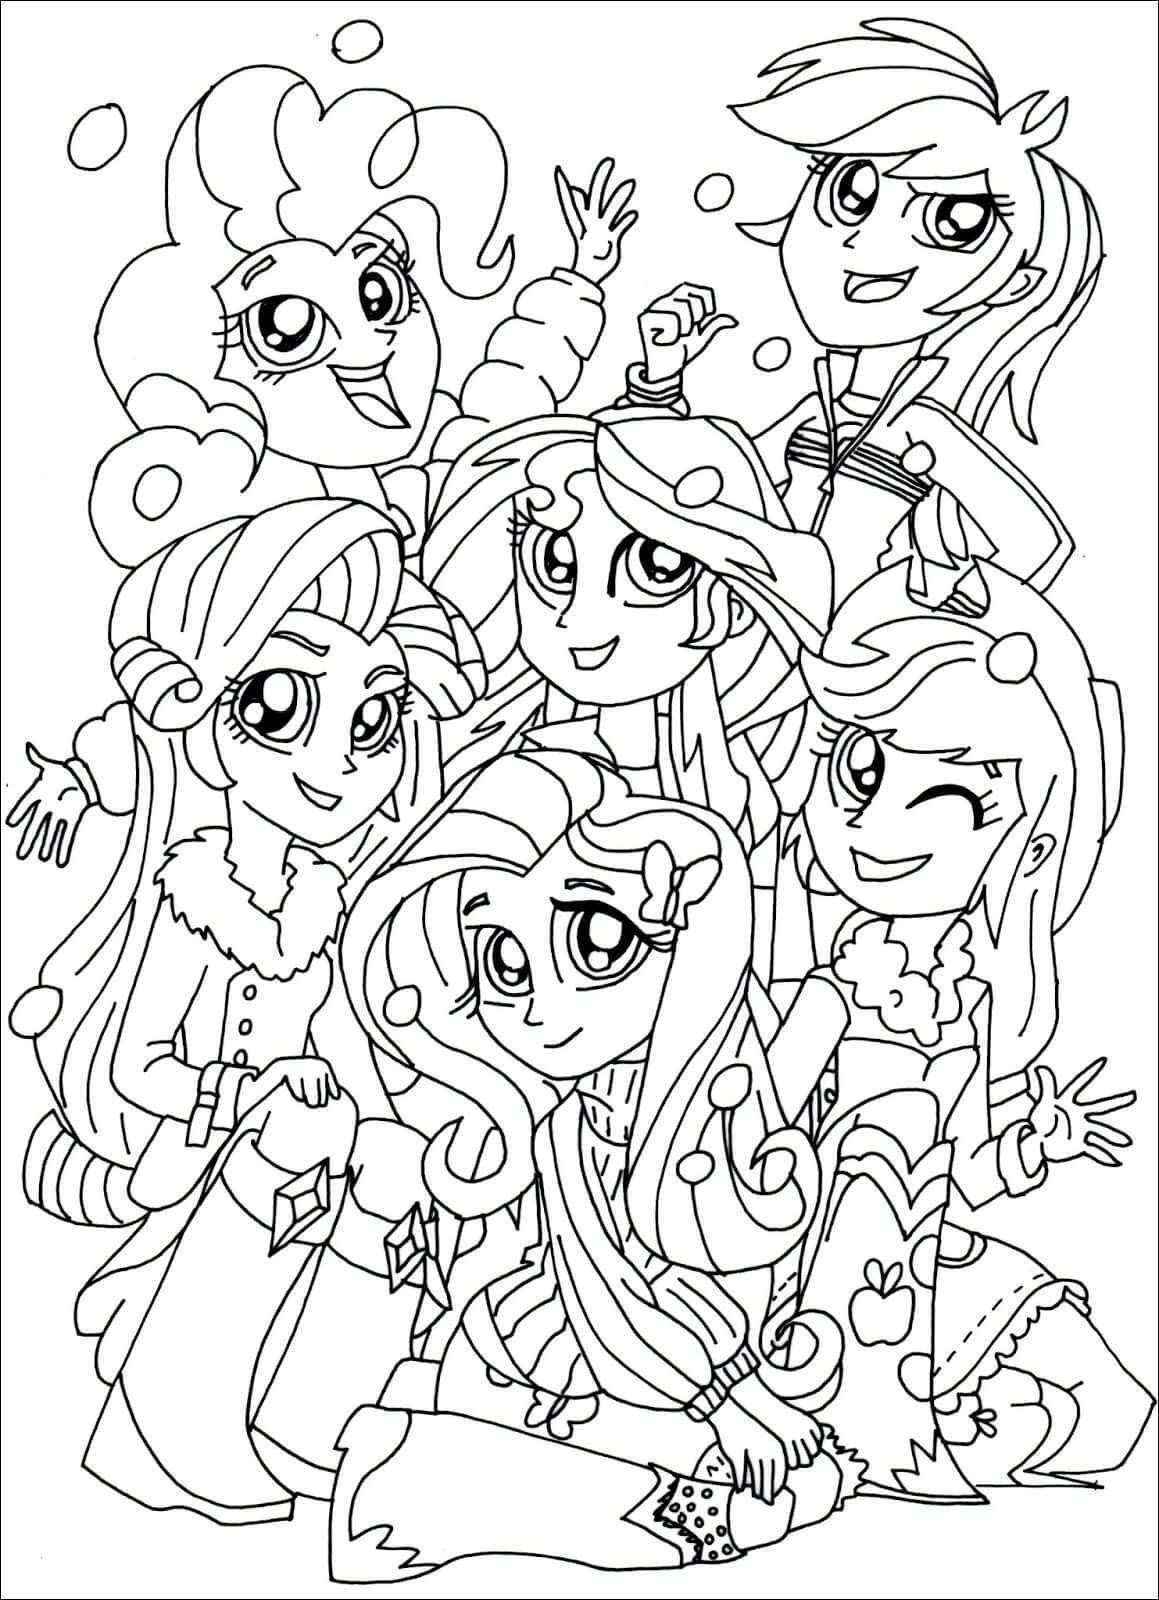 Ausmalbild My Little Pony Inspirierend Malvorlage My Little Pony Bild Ausmalbilder Babys Elegant Baby Bild